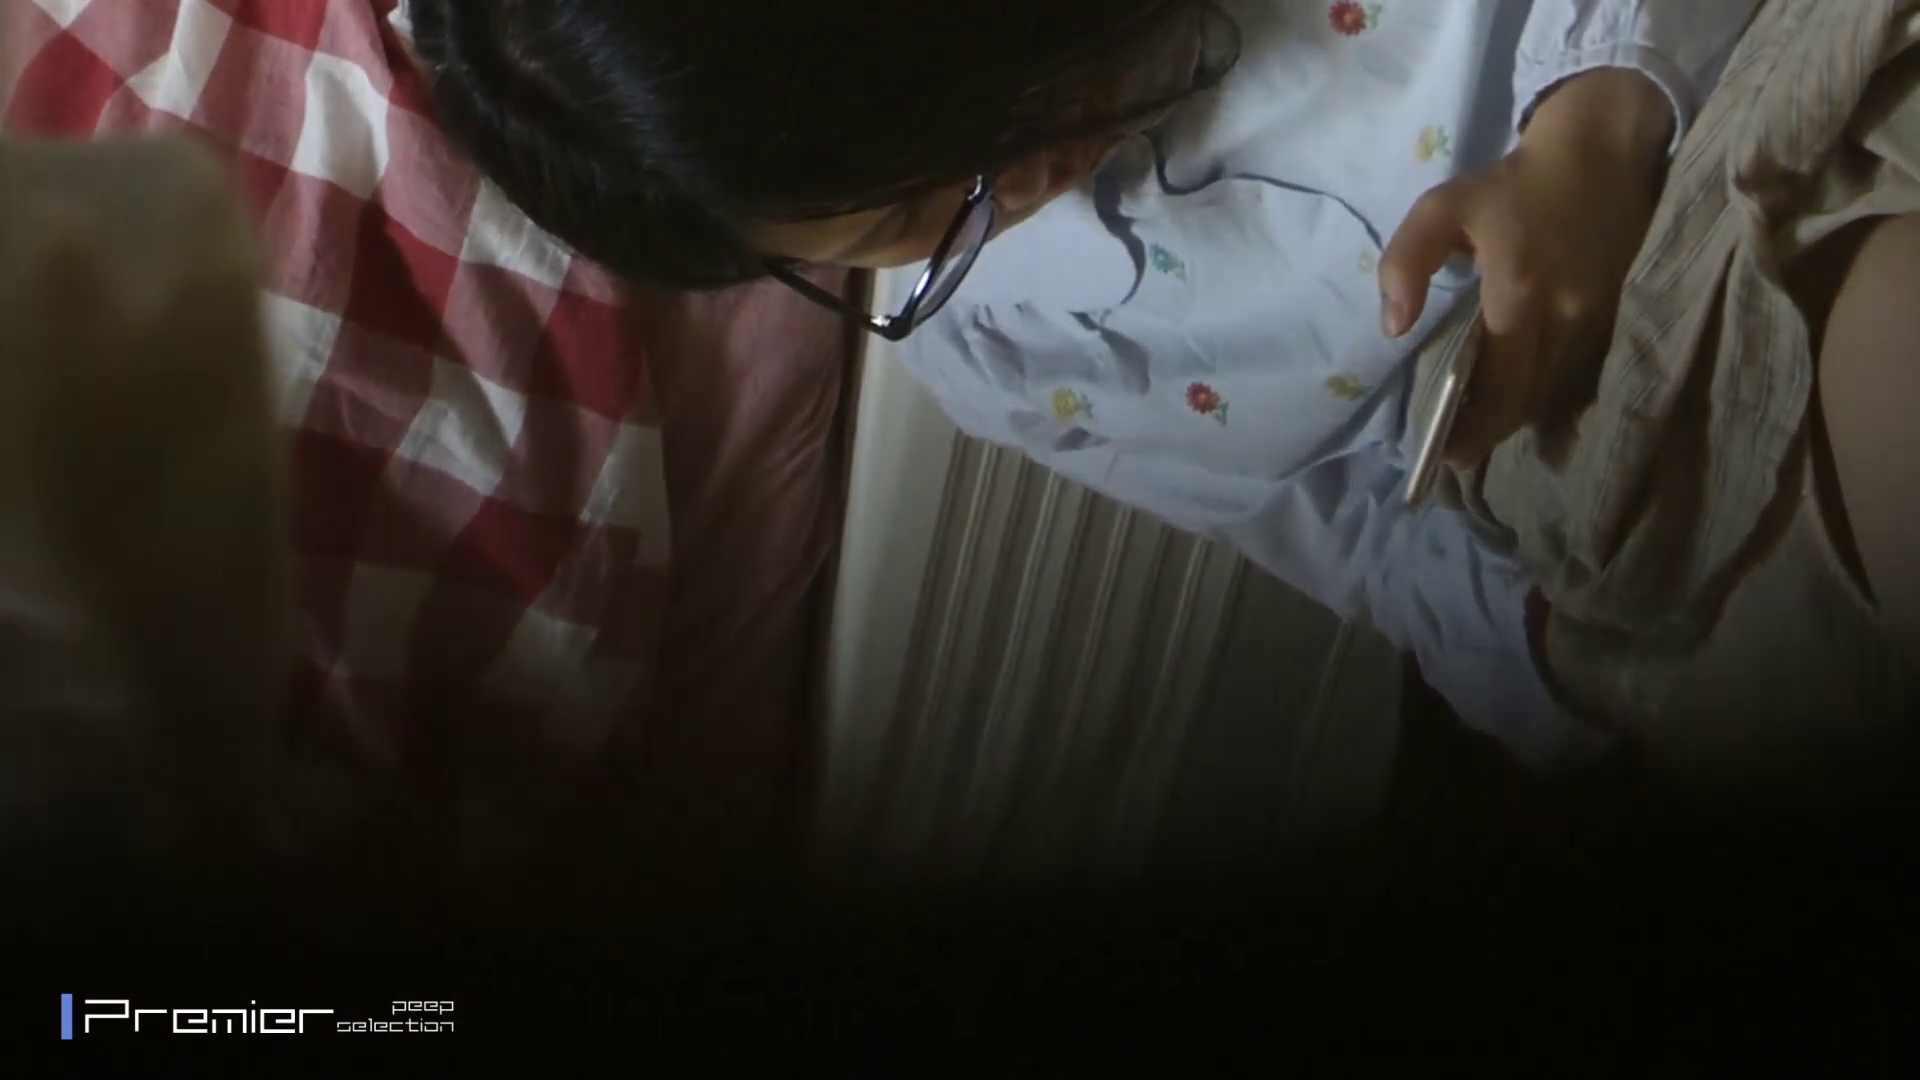 巨乳おまんこ:美女達の私生活に潜入!★永久保存版★4 名の美女リアルオナニー完全版:怪盗ジョーカー